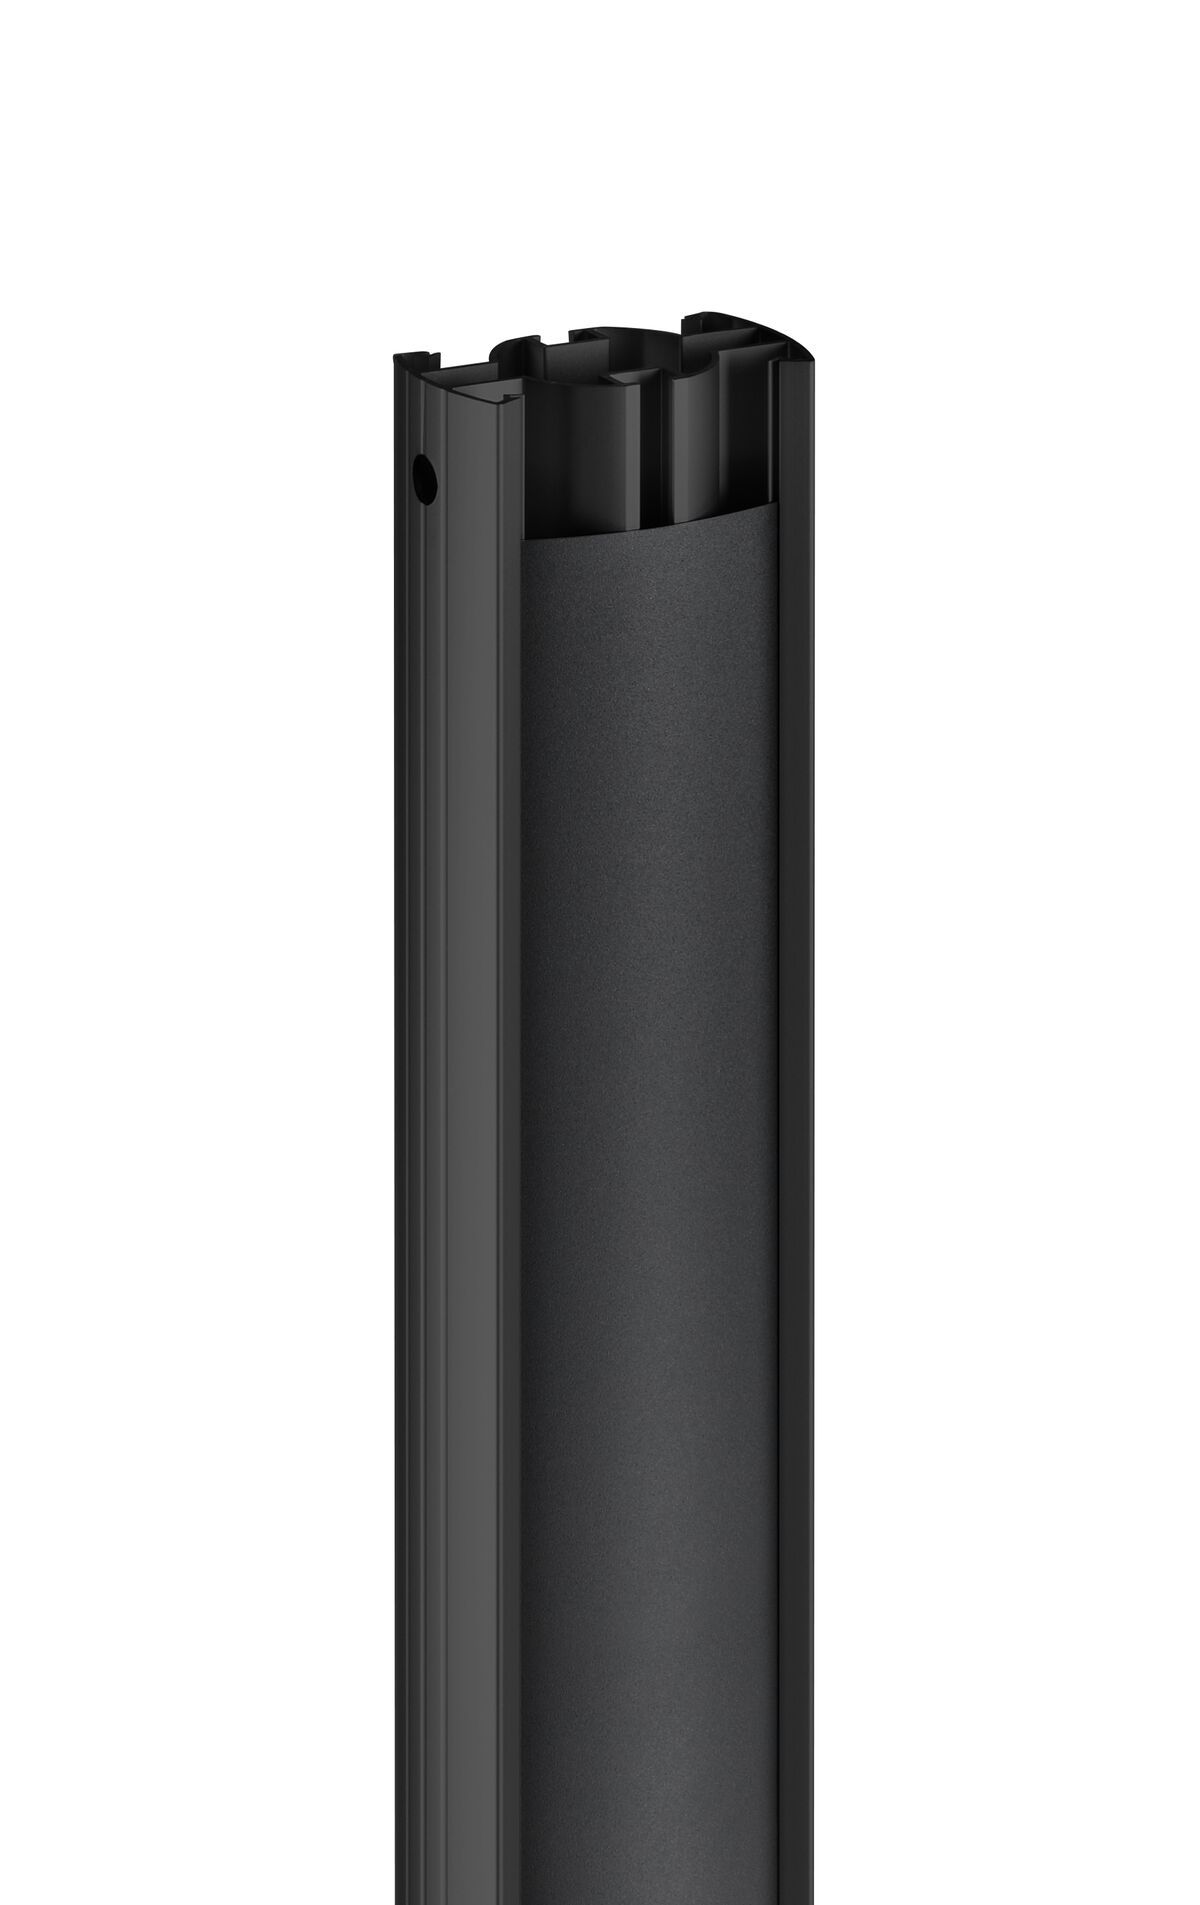 Vogel's PUC 2530 Deckenabhängungsprofil - Product